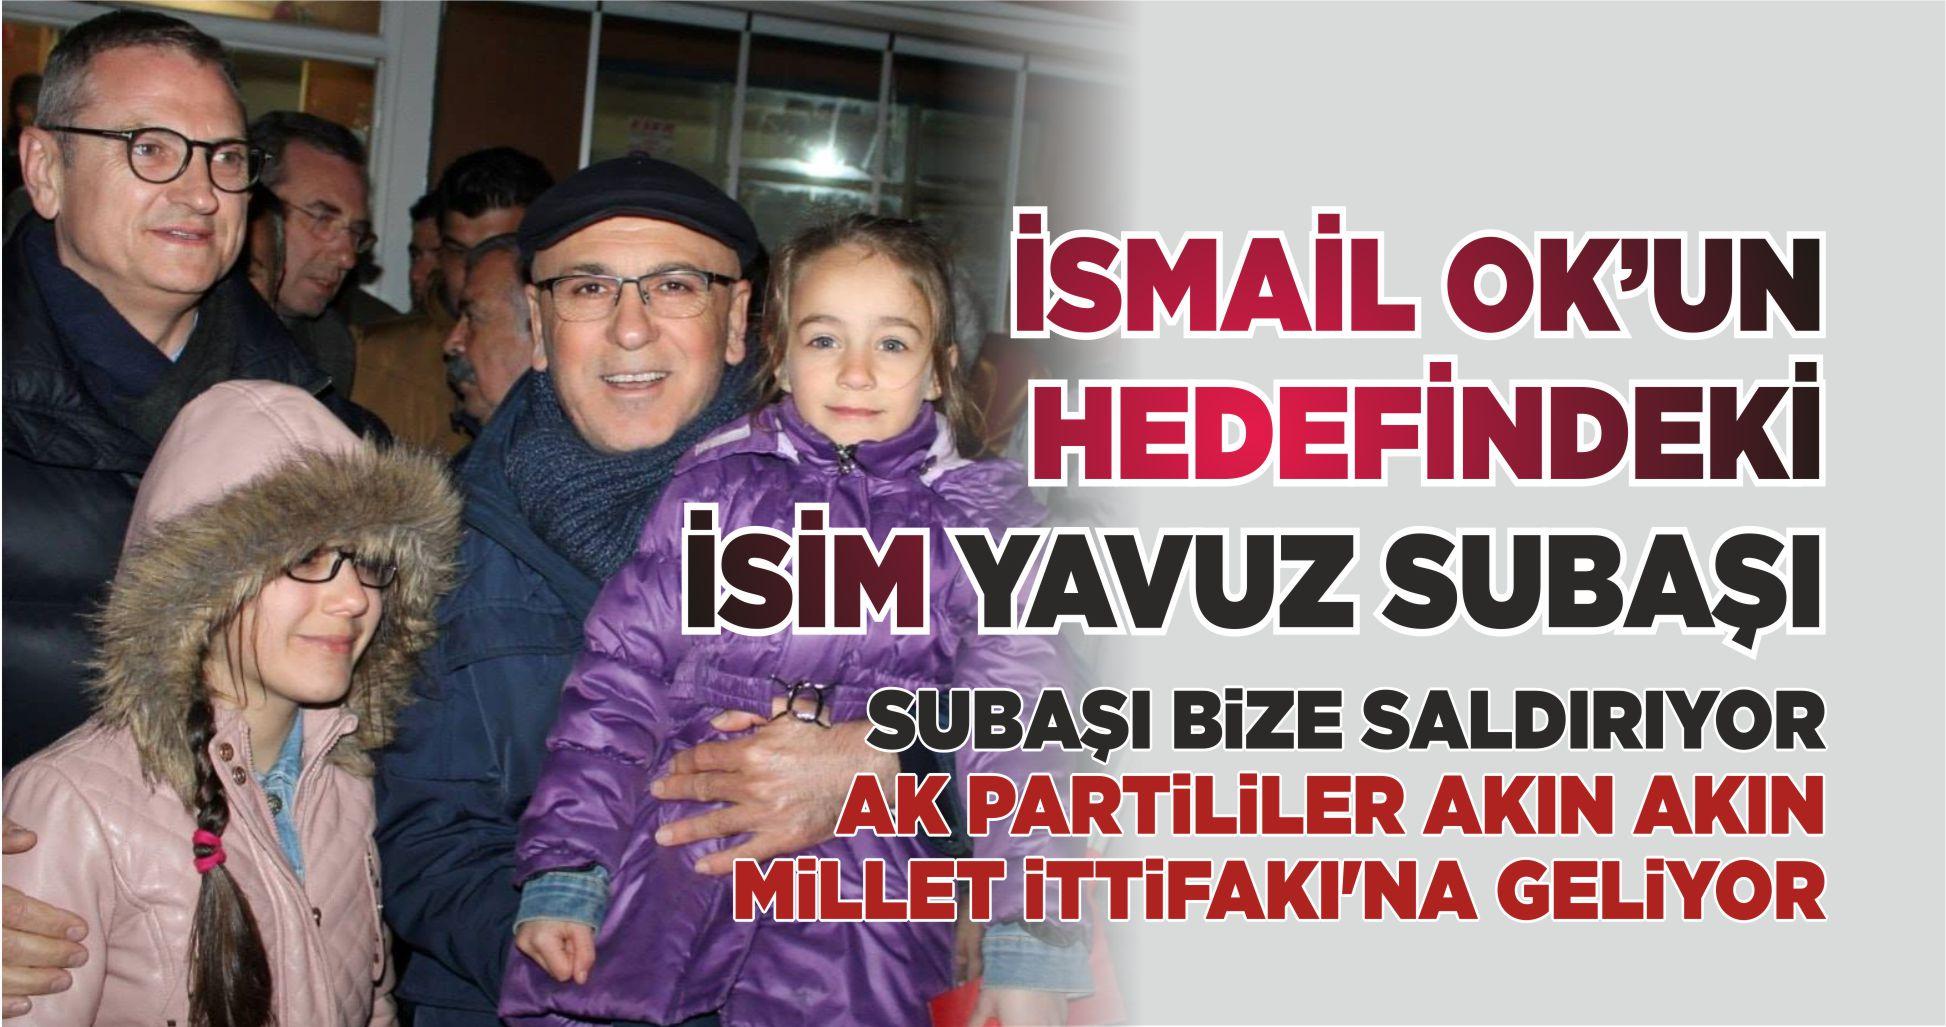 """""""SUBAŞI BİZE SALDIRIYOR, AK PARTİLİLER AKIN AKIN MİLLET İTTİFAKINA GELİYOR"""""""